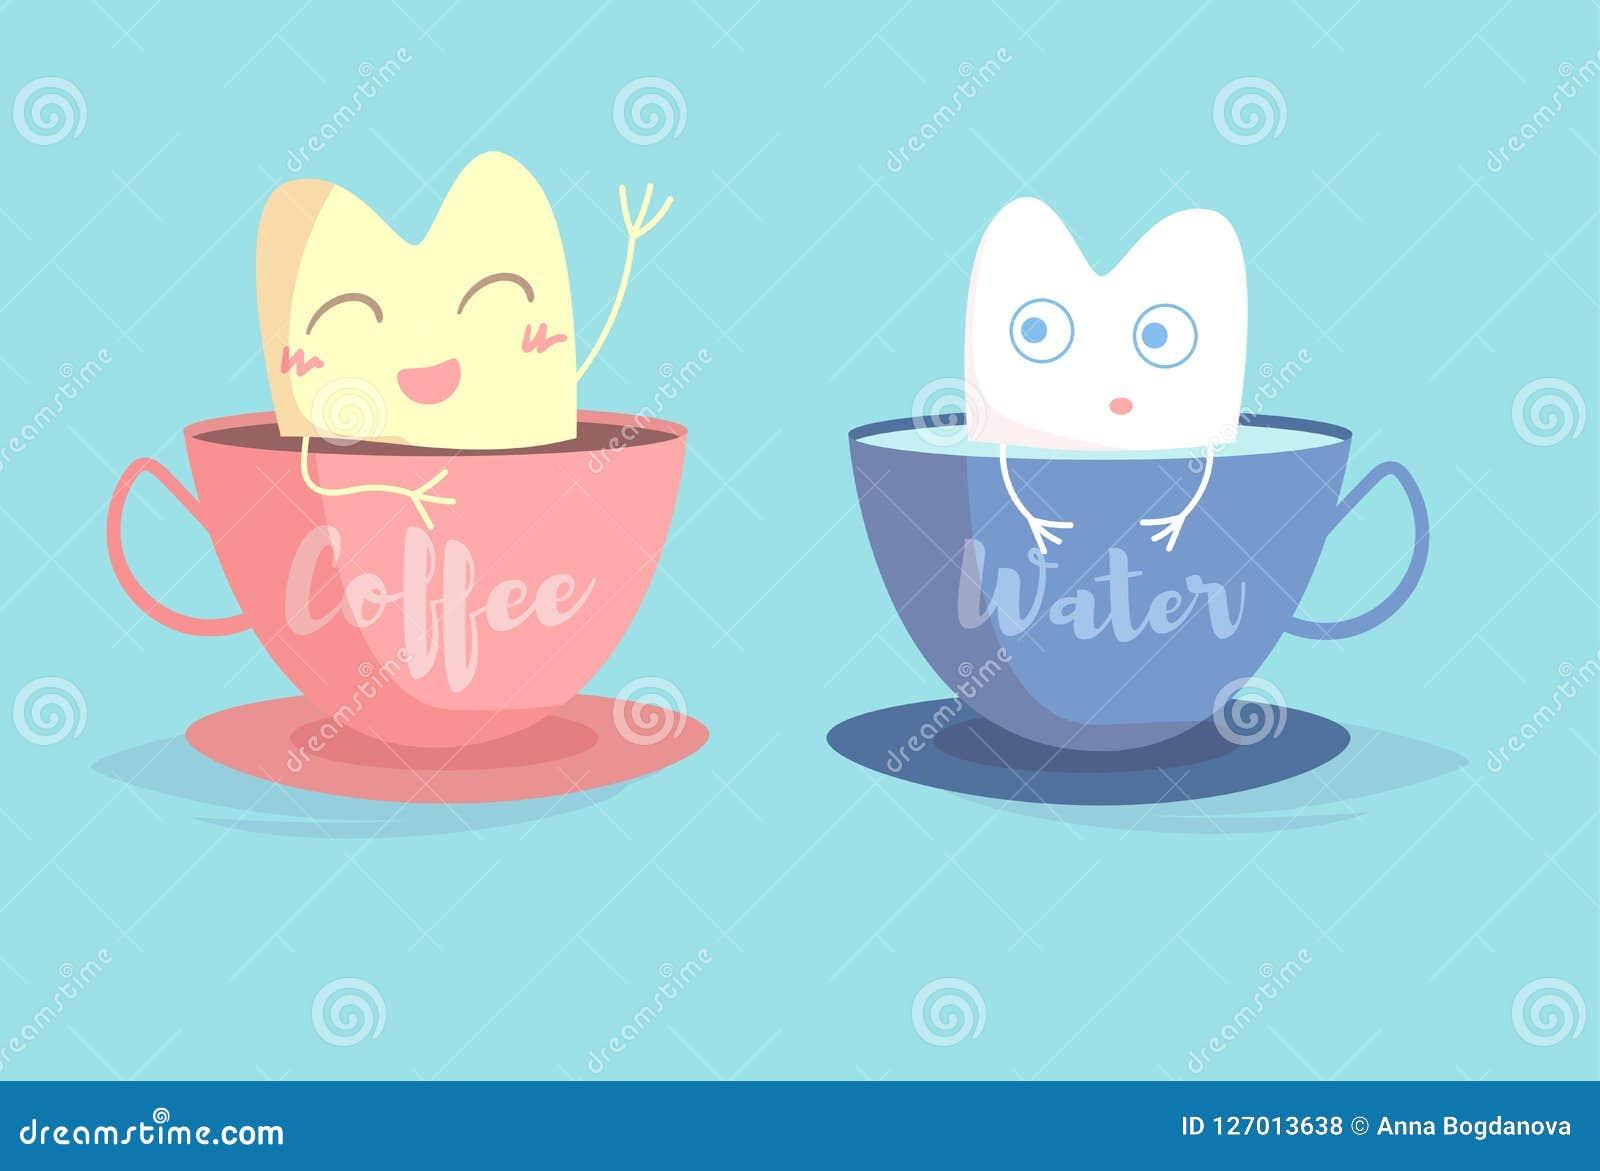 Gelber Zahn im Tasse Kaffee, weißer Zahn im Tasse Wasser-Vektor karikatur